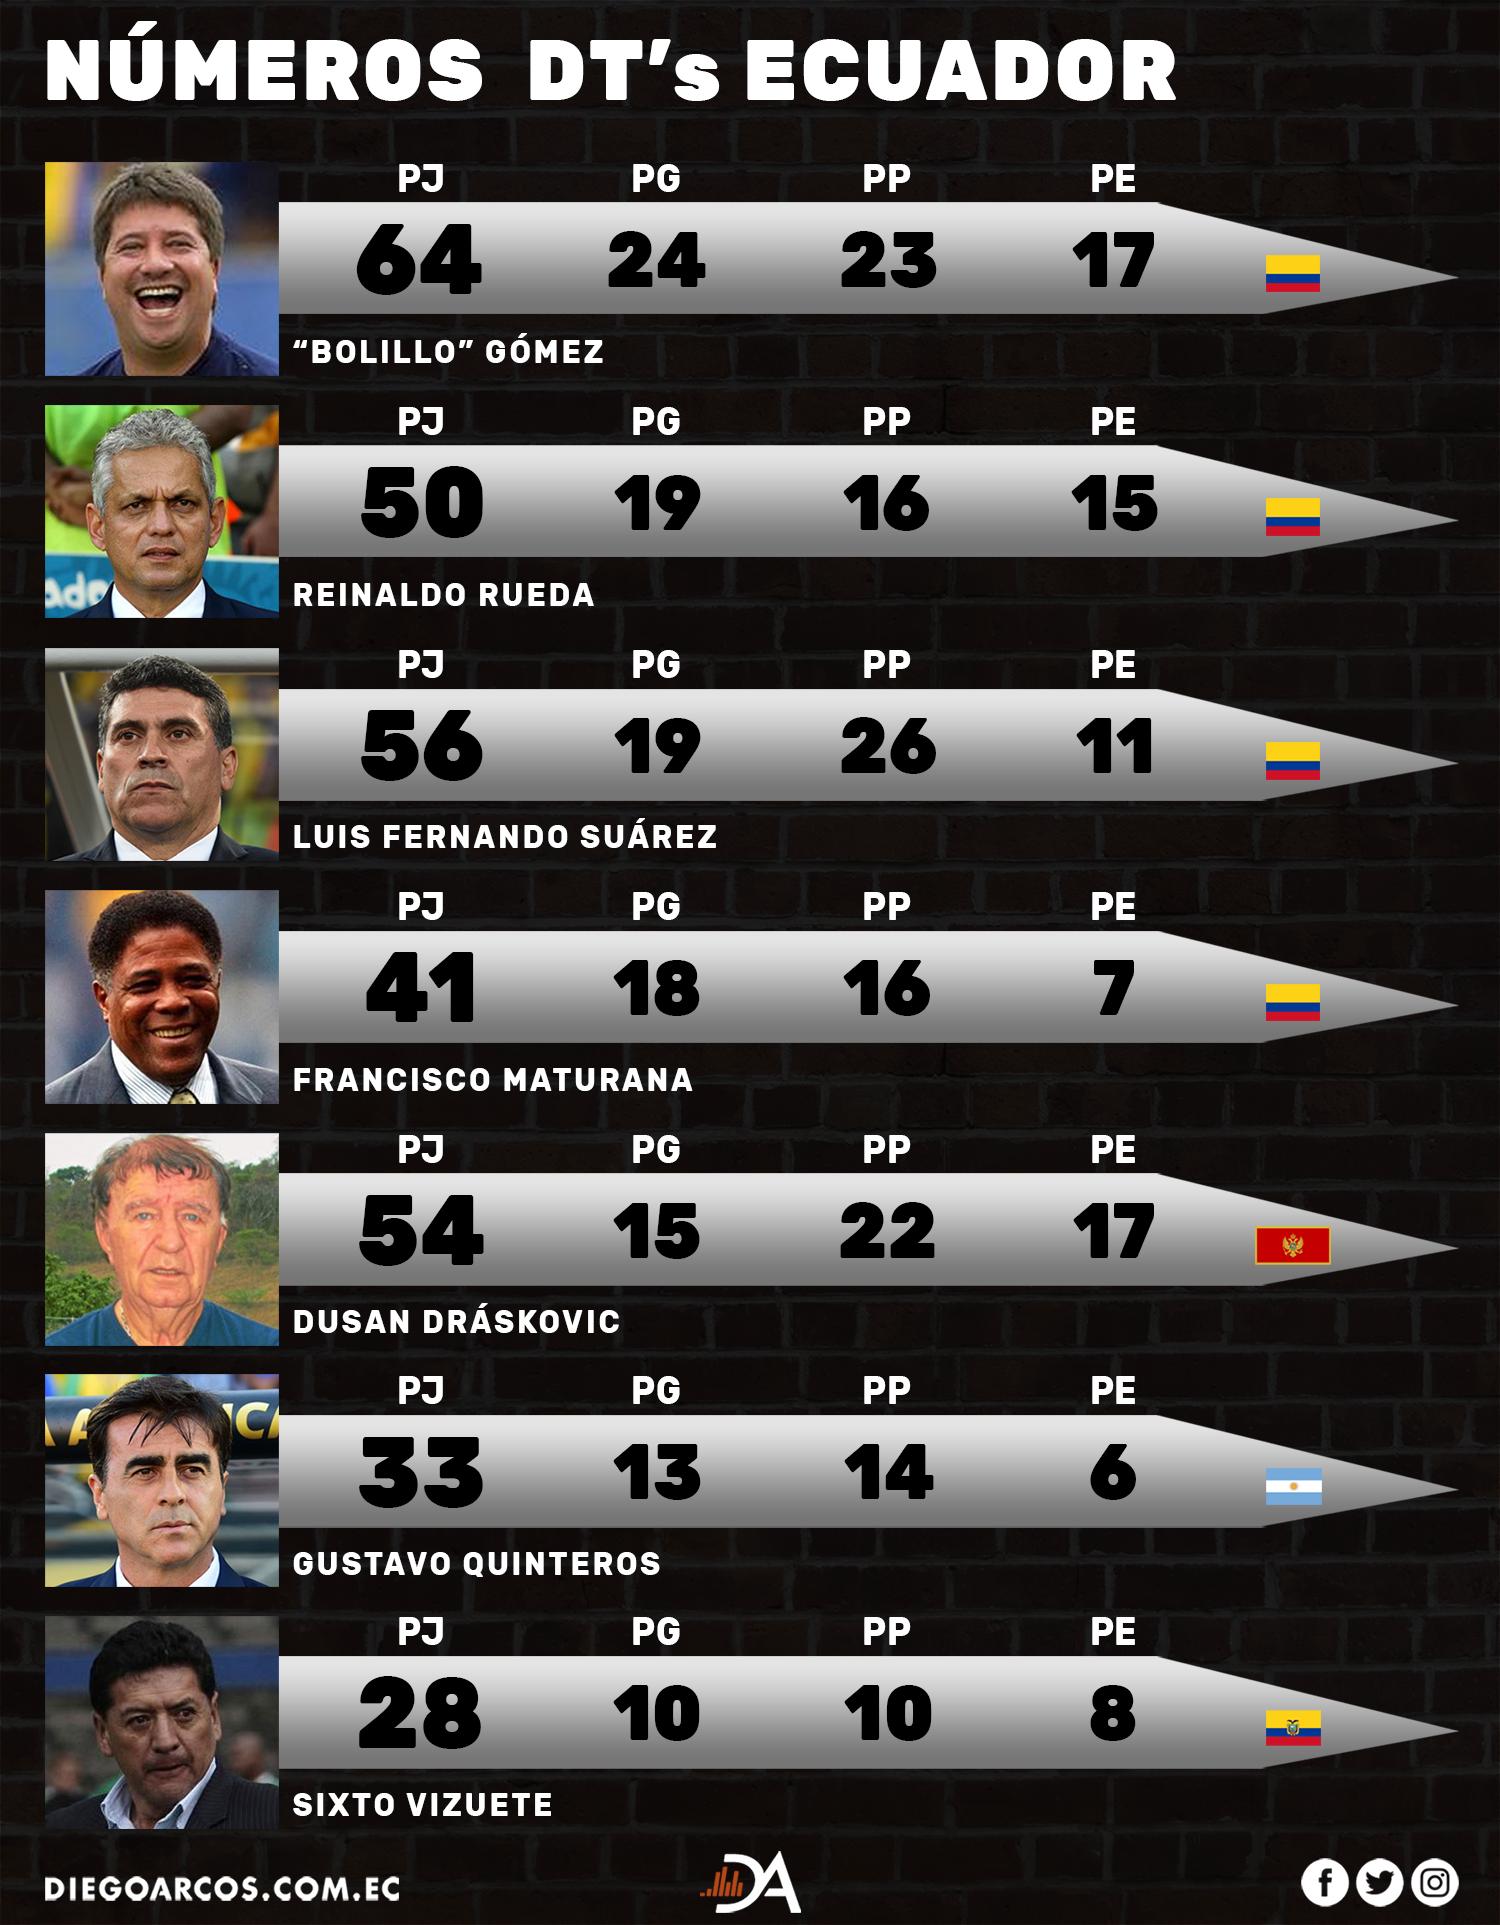 Asi quedan lo numeros de Gustavo Quinteros en selección en comparación con: